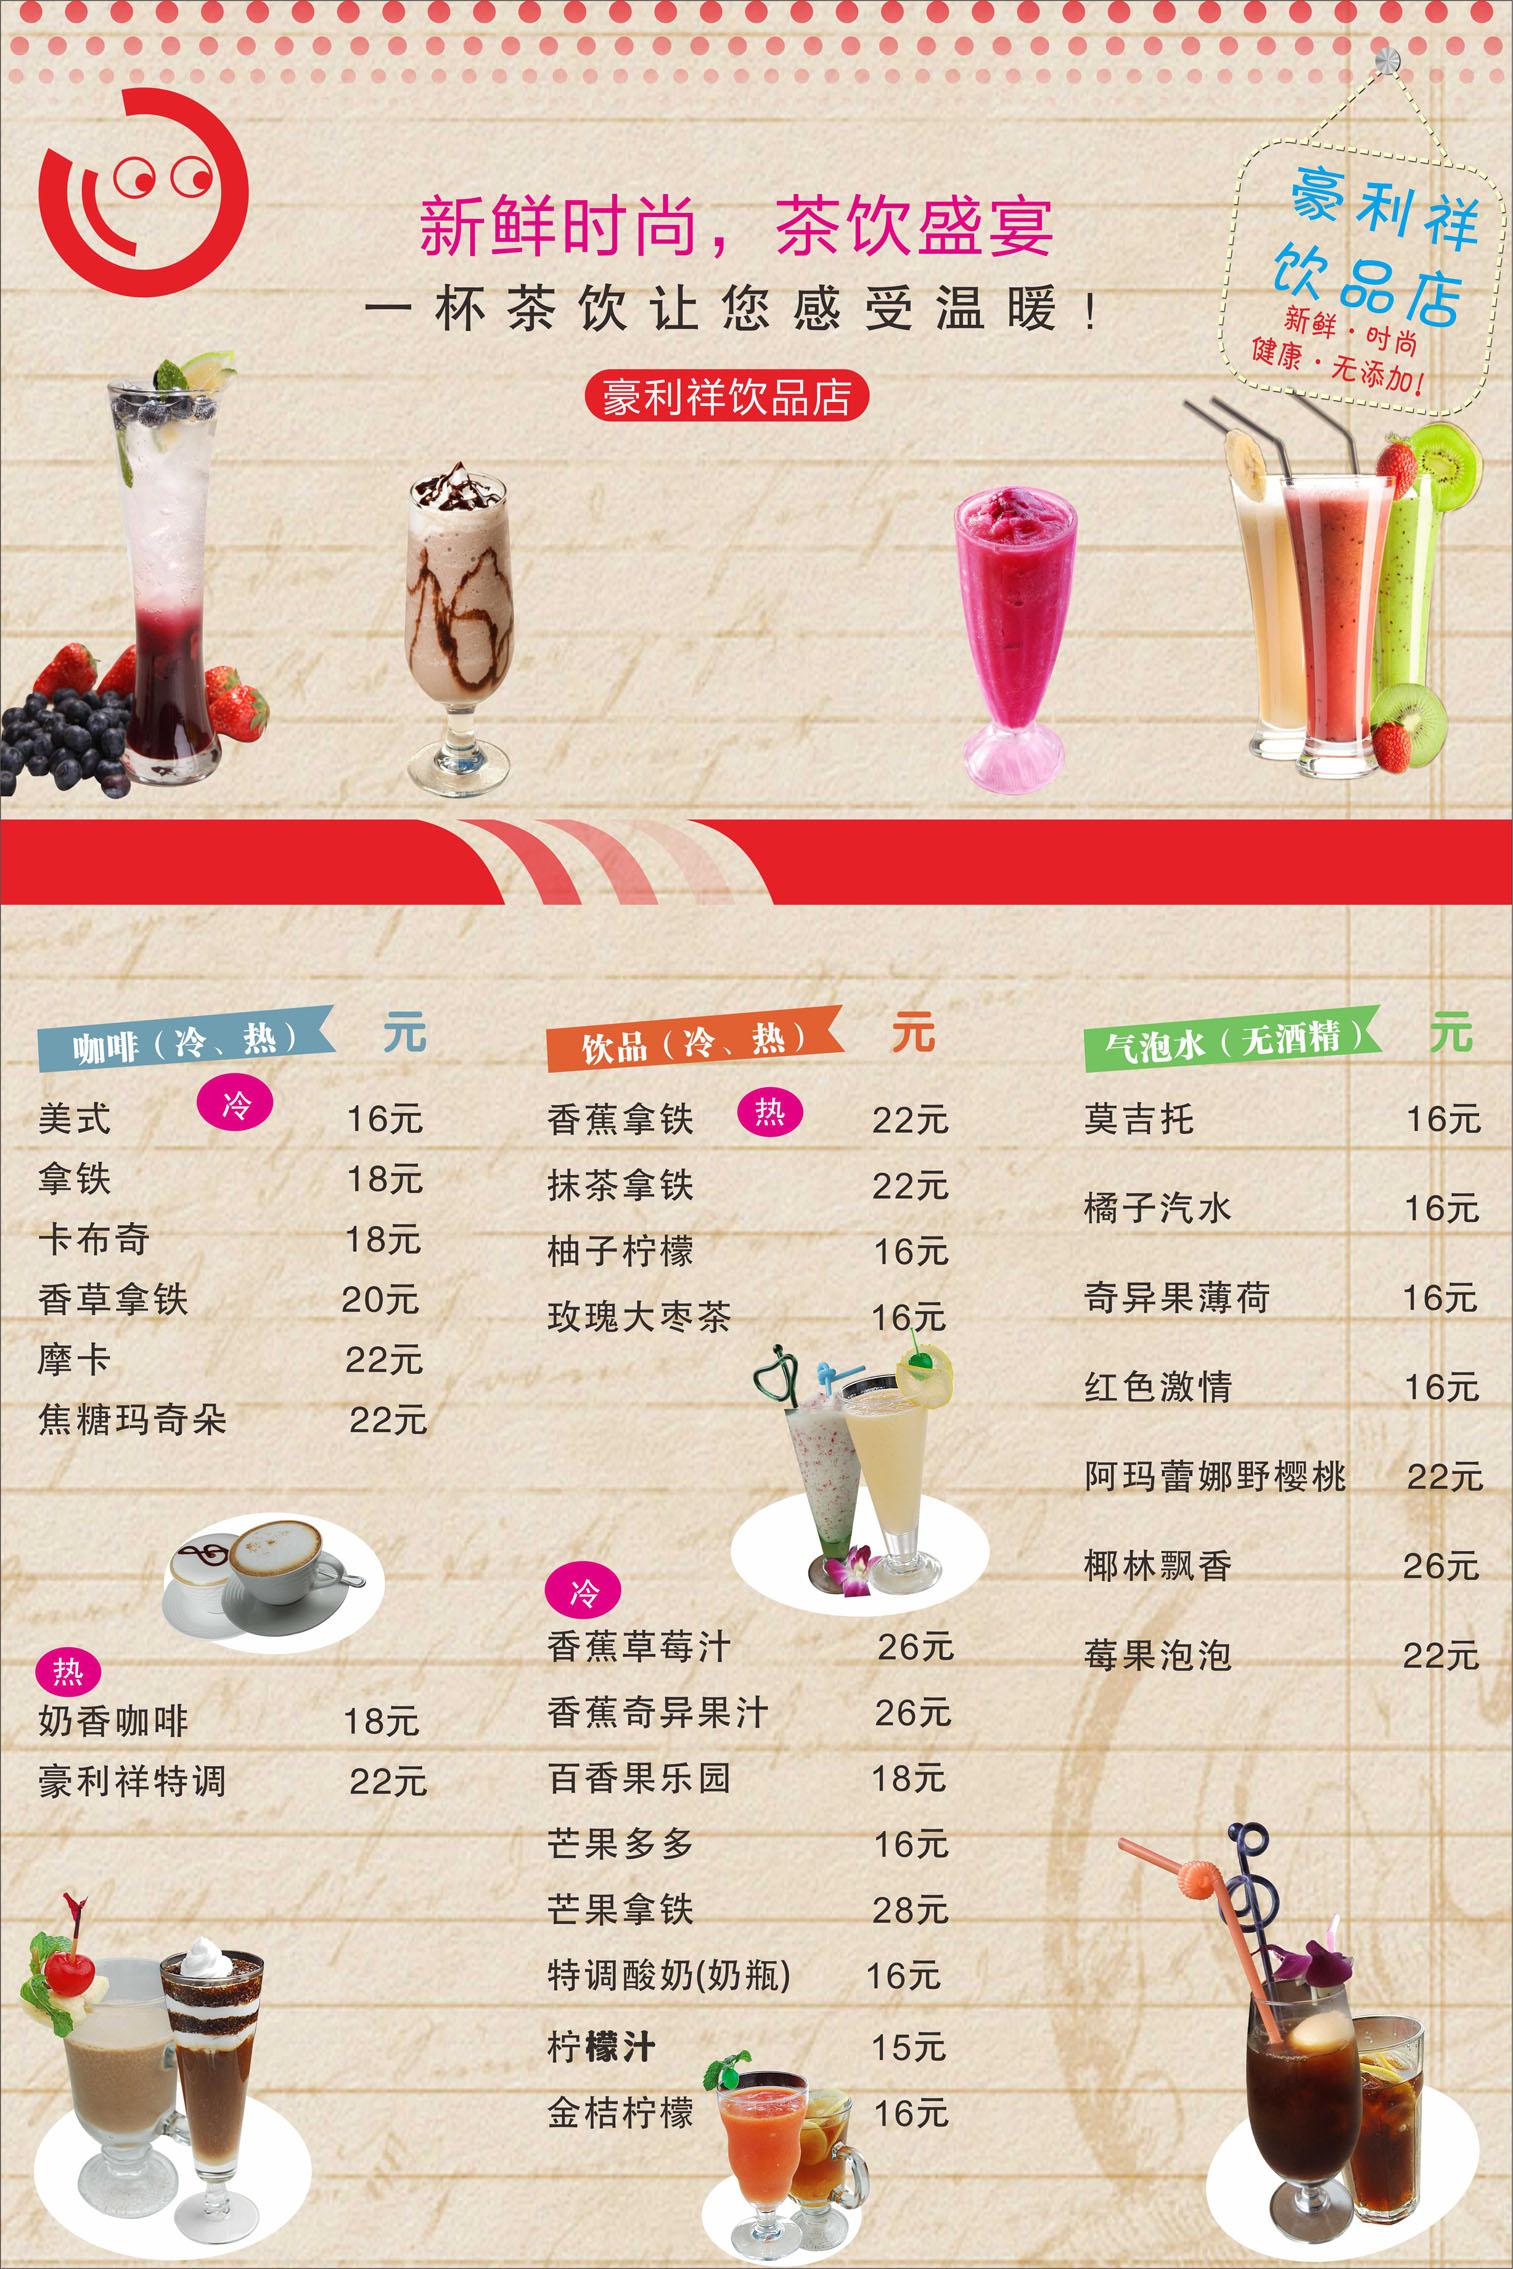 饮品店宣传海报_饮品店海报 平面 宣传品 tonyliang-r1358 - 原创作品